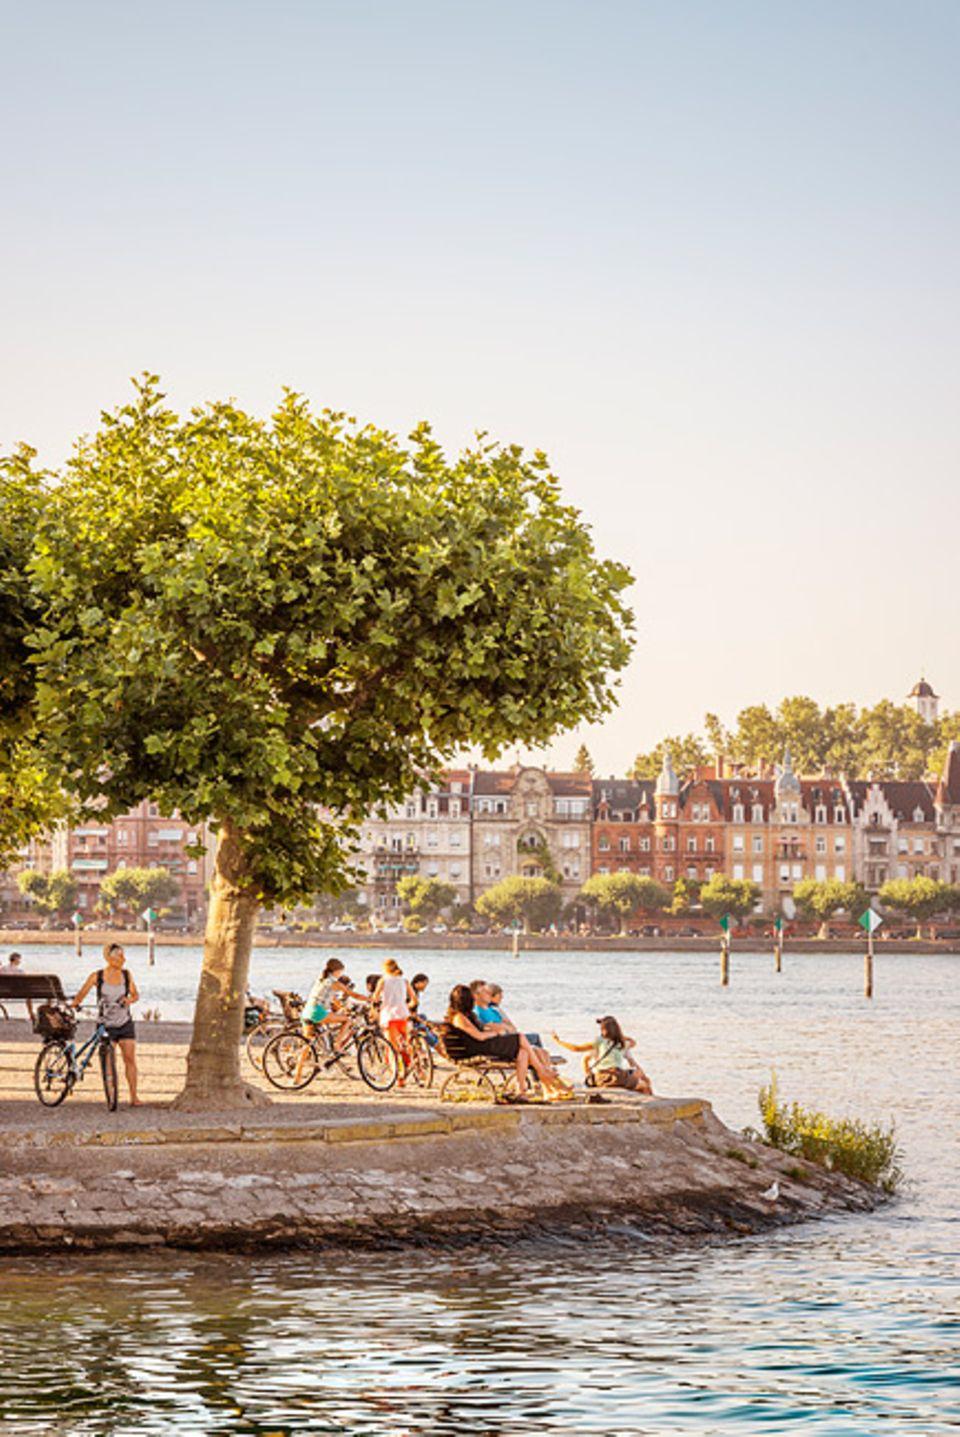 REISEZIEL: Konstanz hat Idyllen zuhauf, wie den Stadtgarten, der direkt am See endet